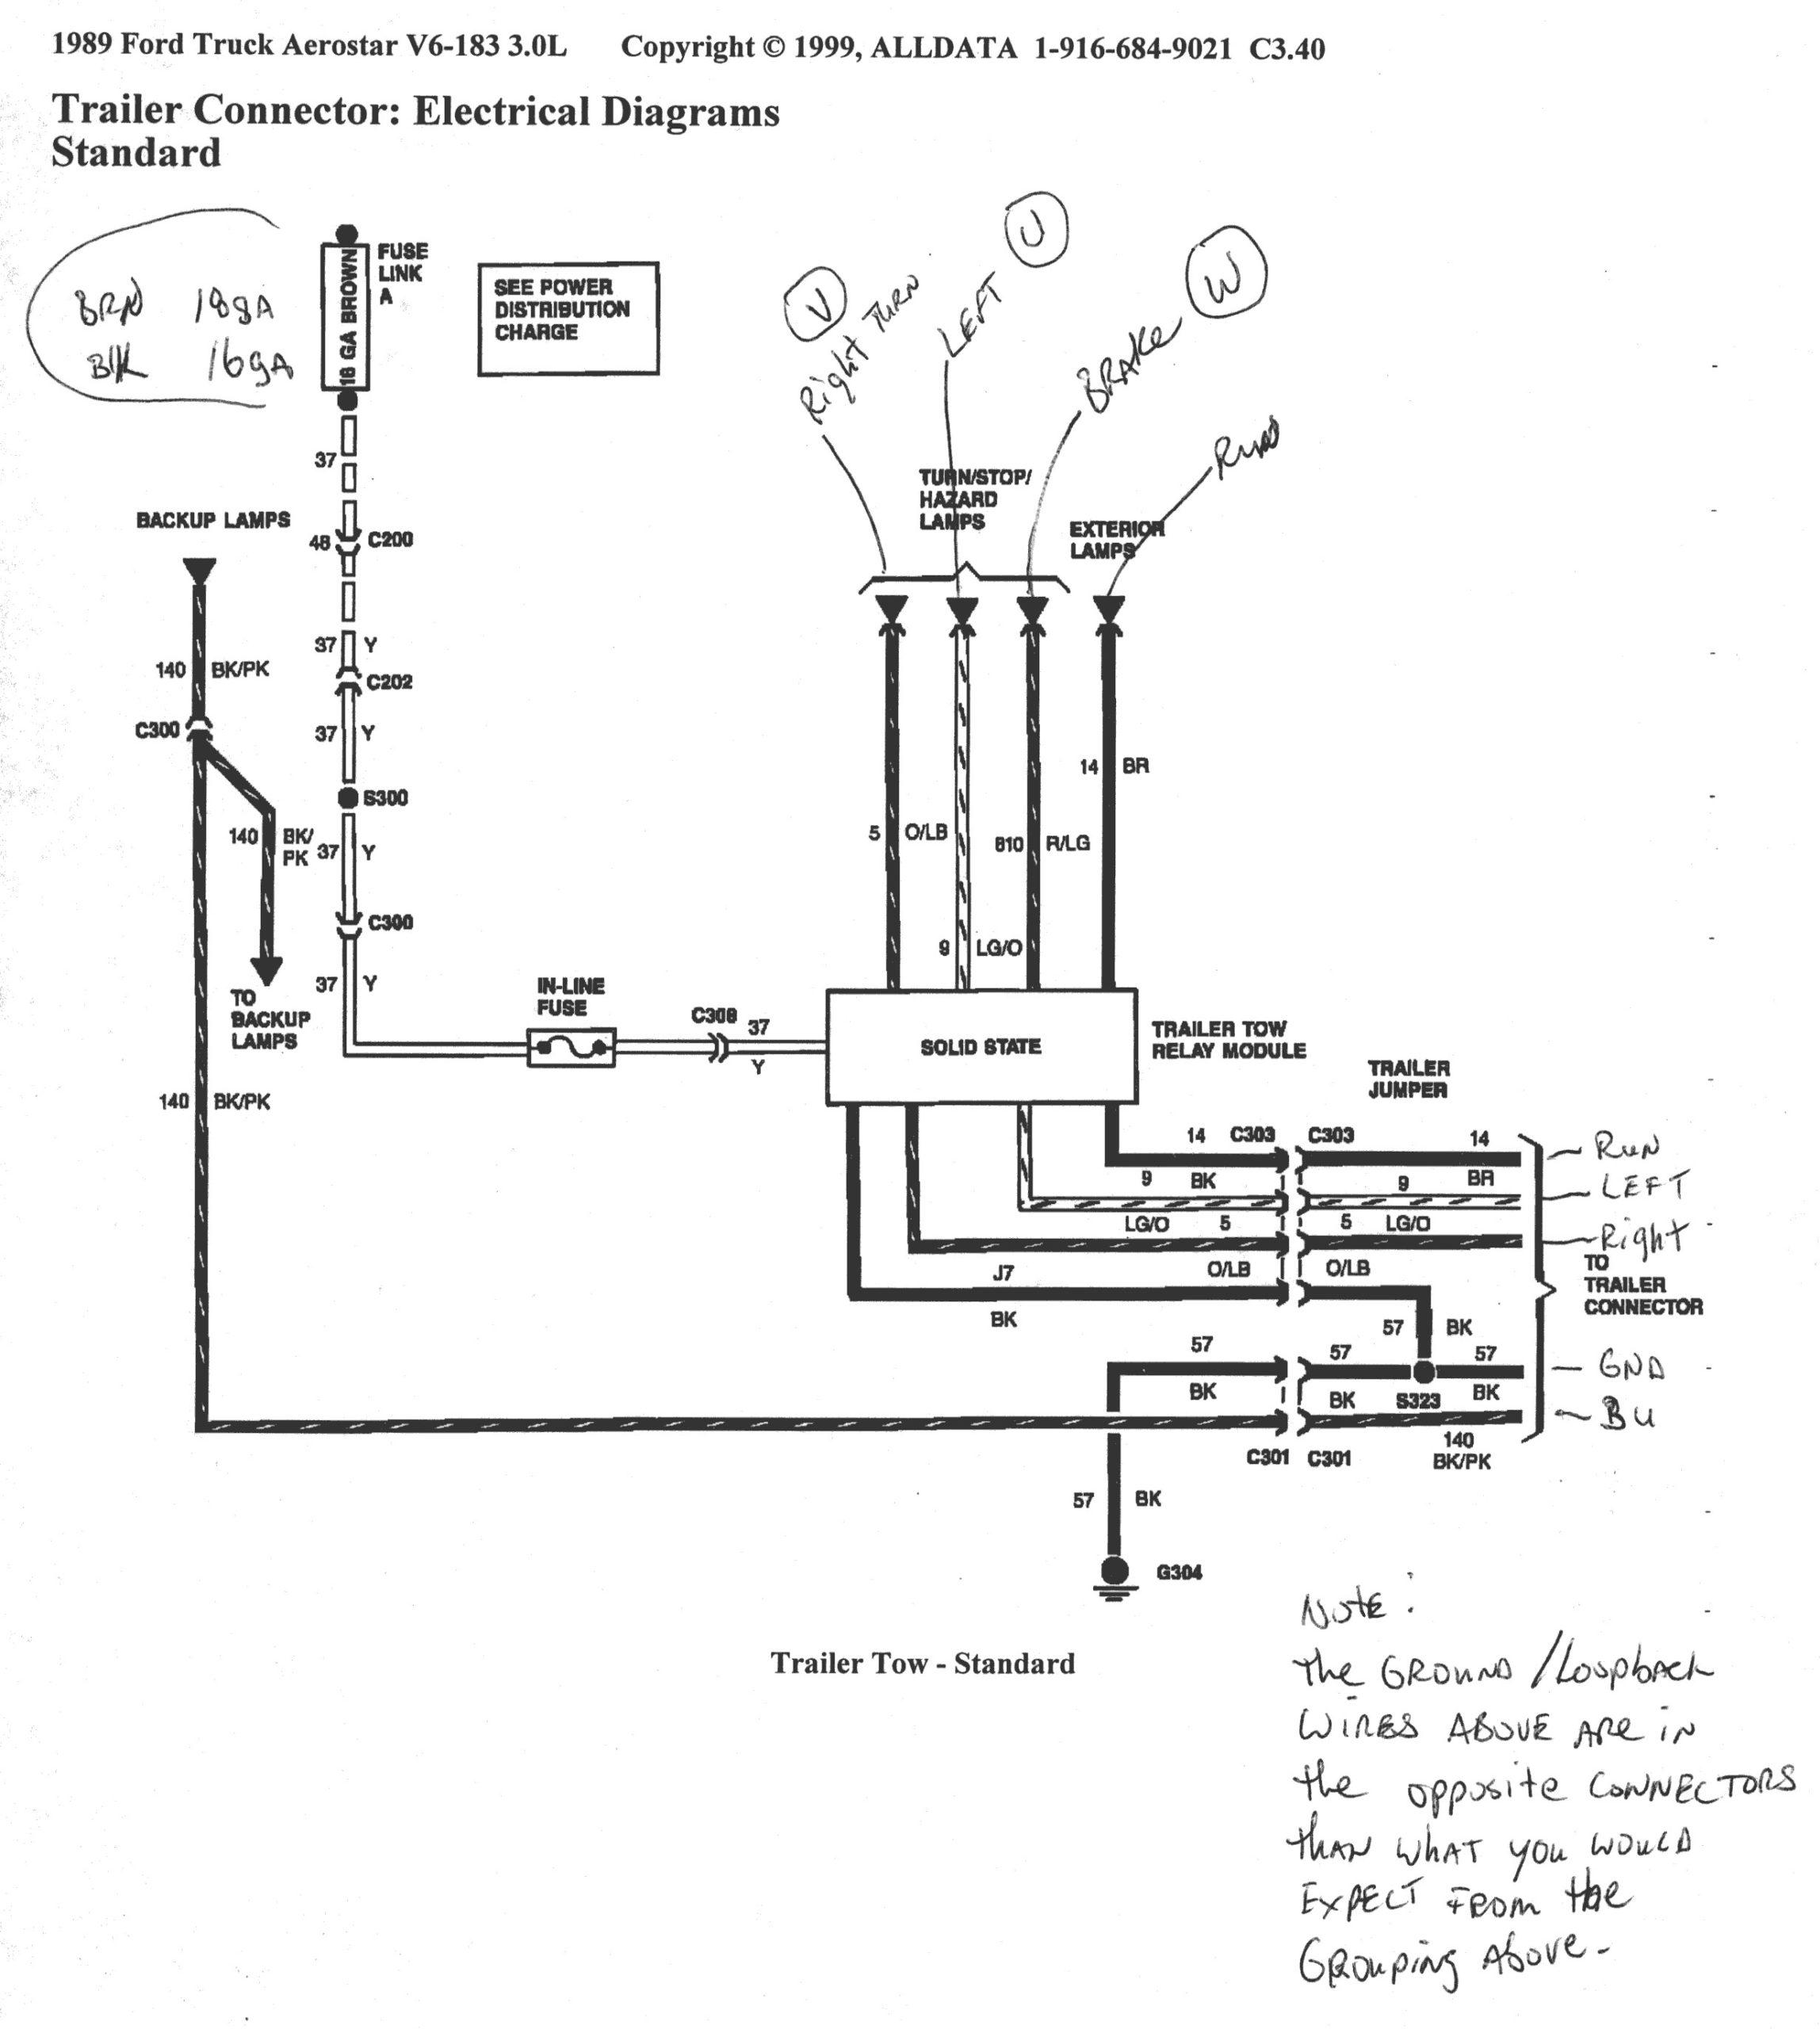 2012 Ford F350 Trailer Wiring Diagram